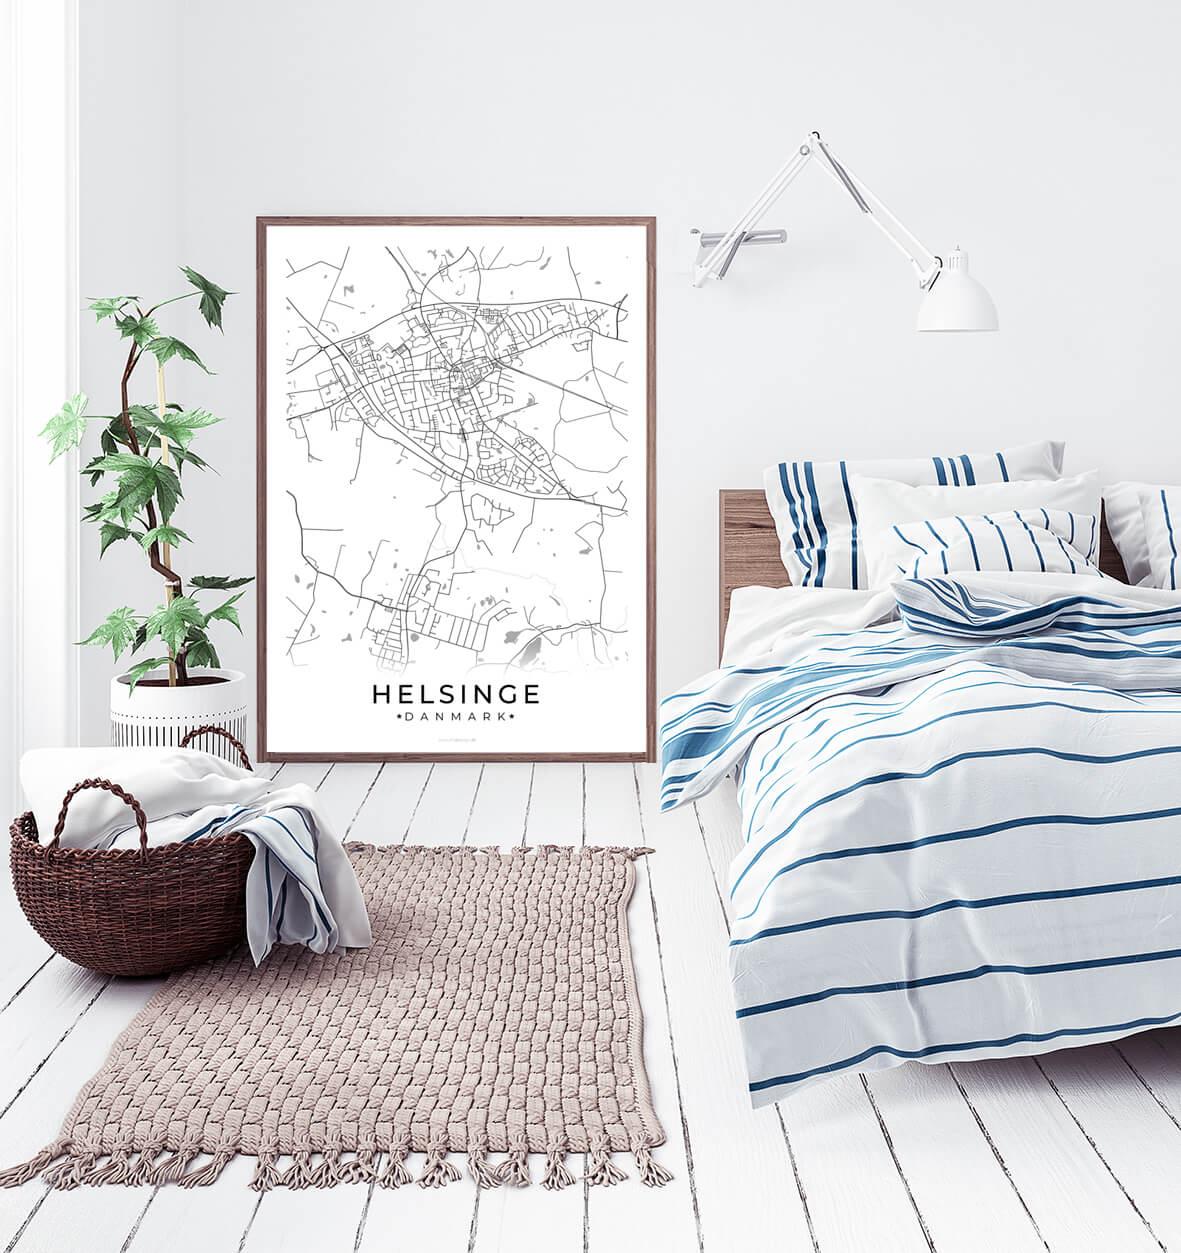 Helsinge-hvid-byplakat-2